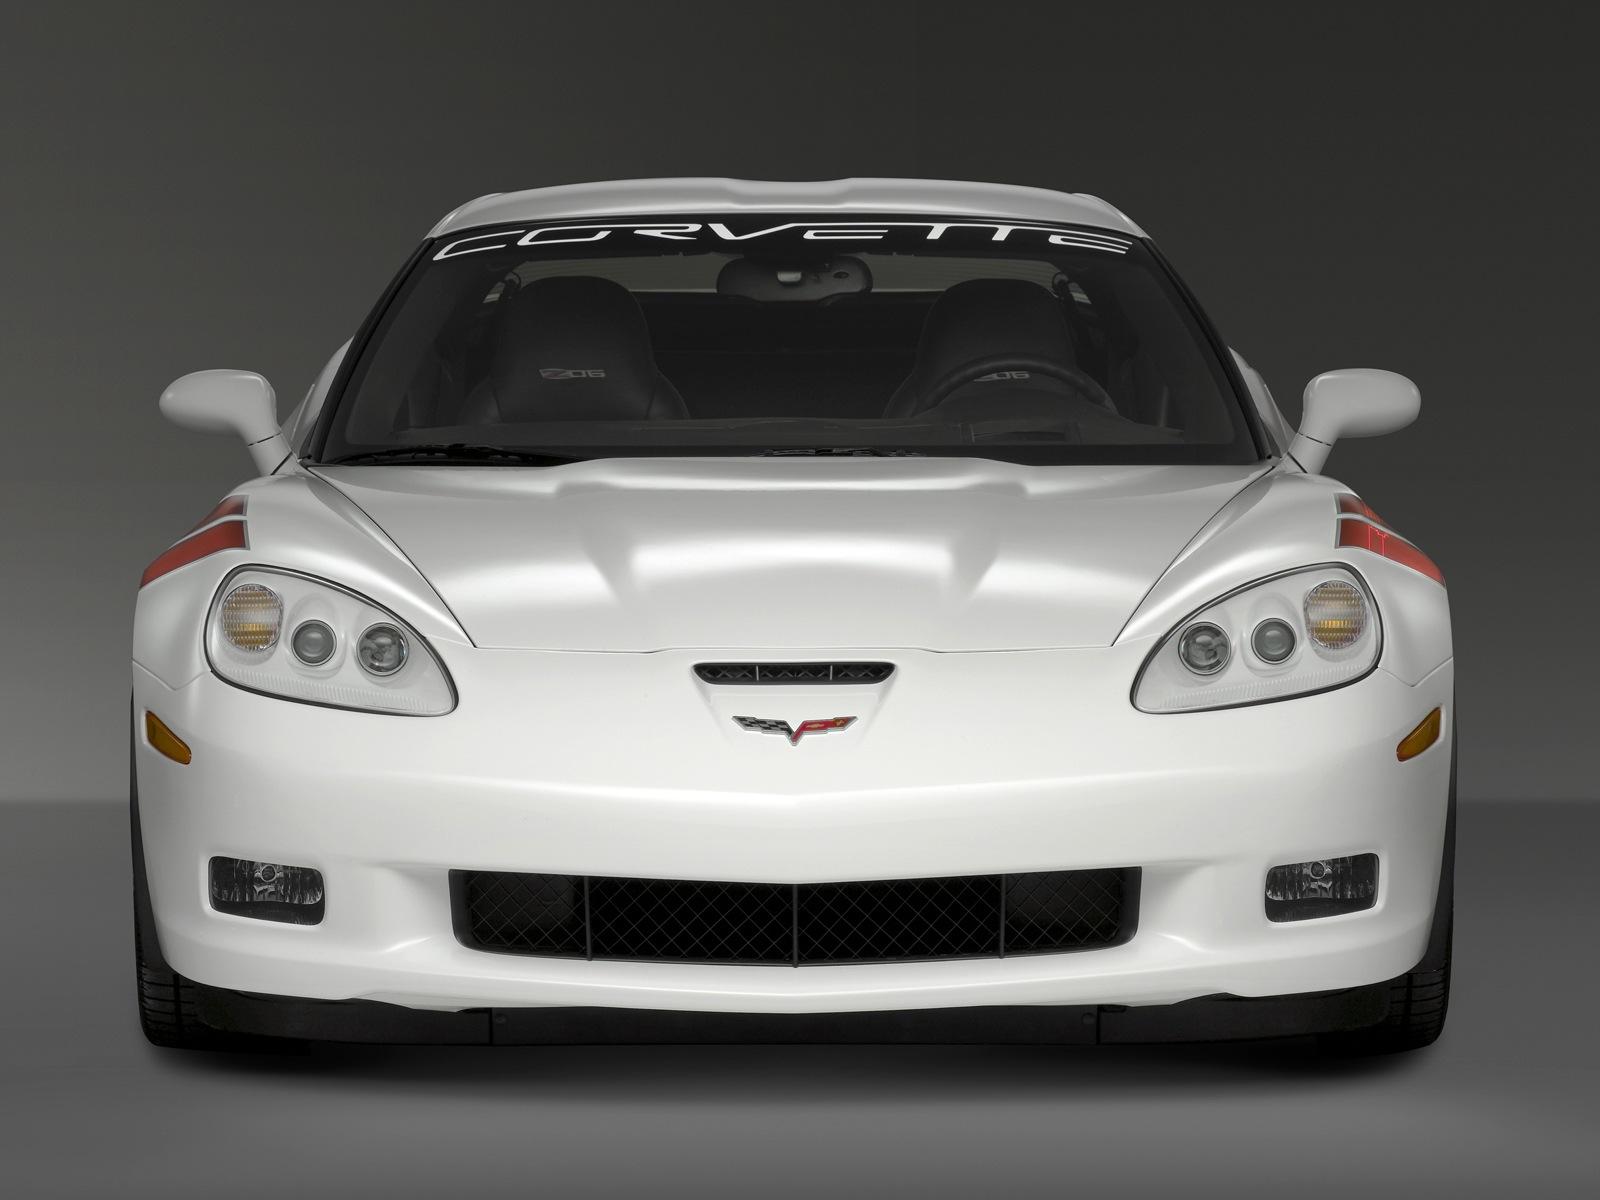 Corvette-Z06-Ron-Fellows-2-BJPOI87W7L-1600x1200-1-